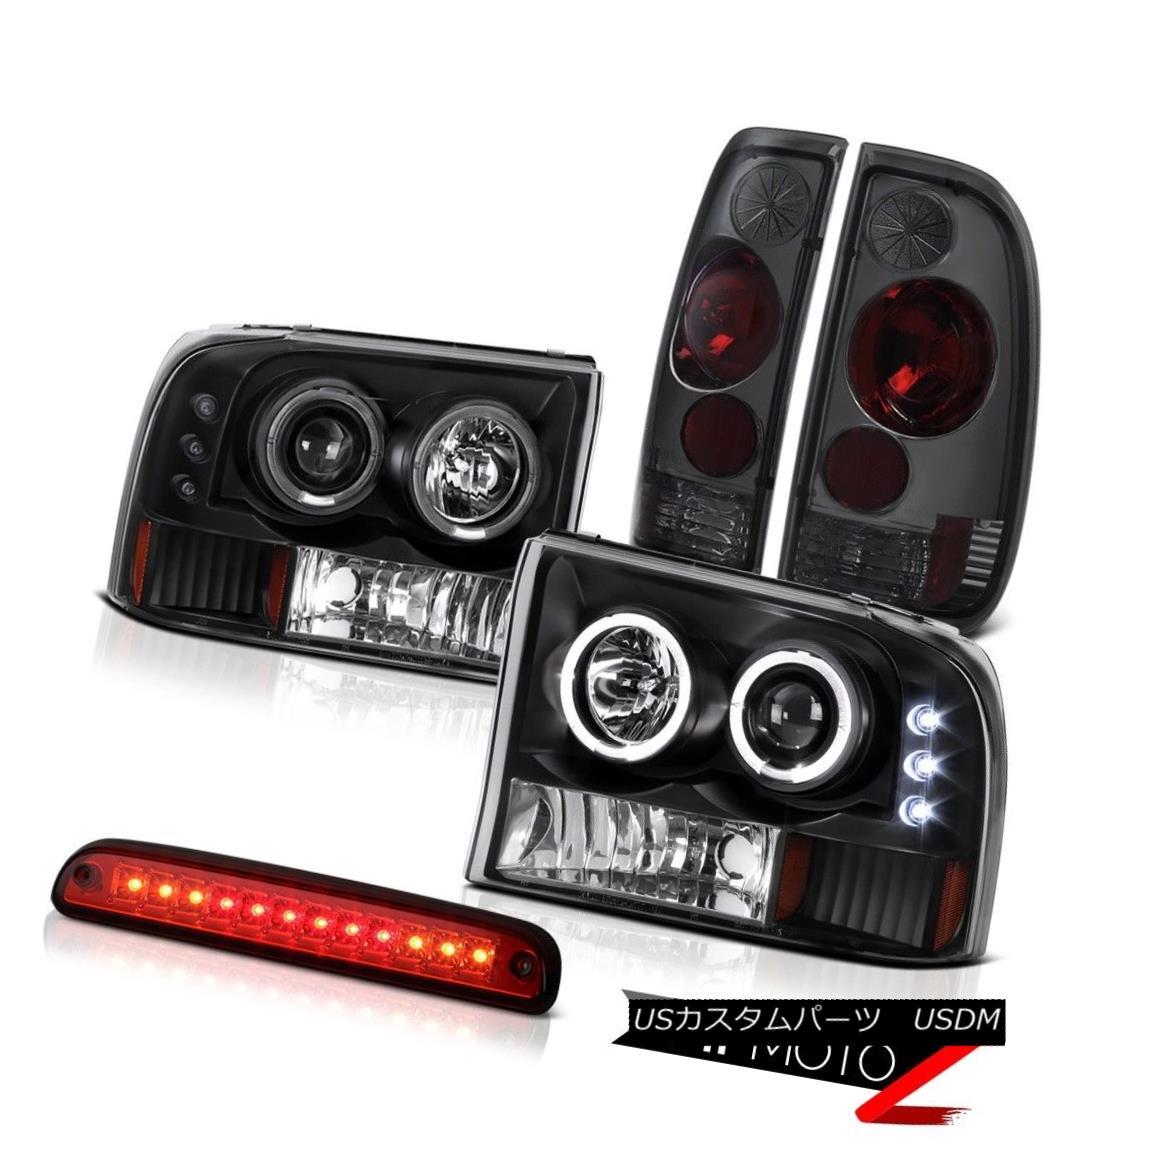 テールライト Black Headlights SMD Halo High Stop LED Red Tinted Tail Lamps 99-04 F250 6.8L ブラックヘッドライトSMD HaloハイストップLEDレッドティンテッドテールランプ99-04 F250 6.8L